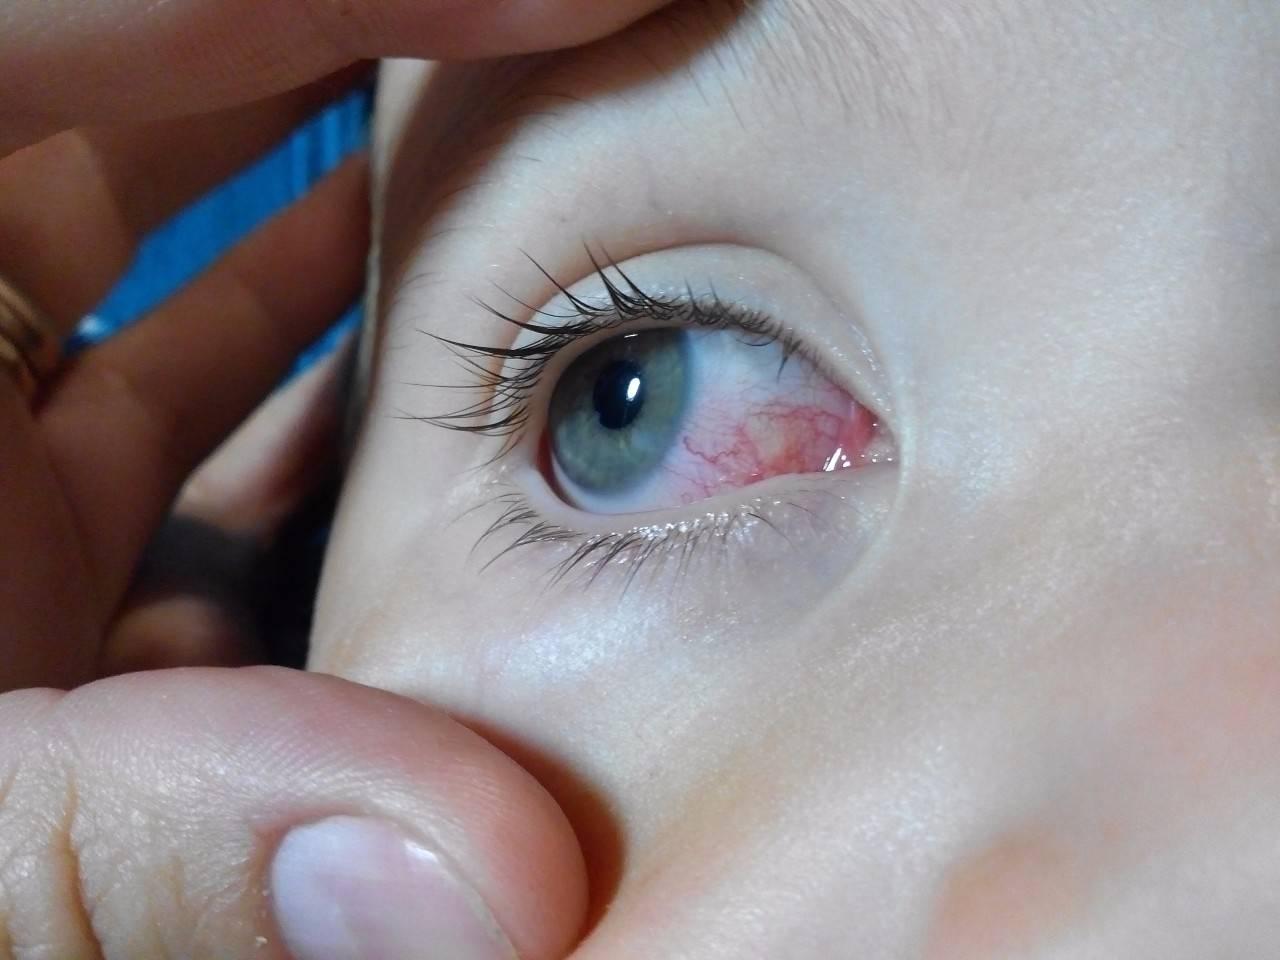 воспалились глаза у ребенка